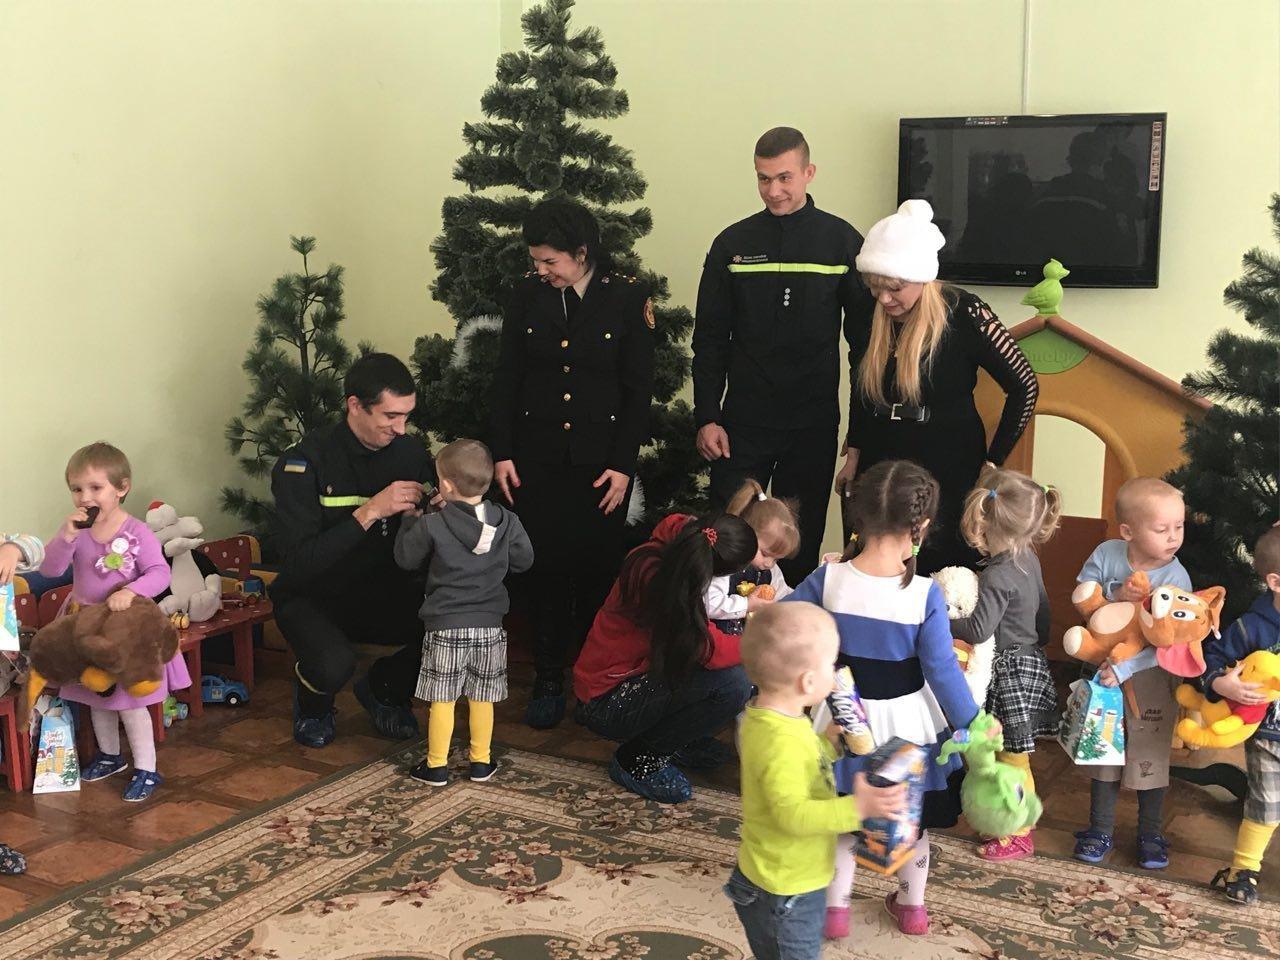 """Криворожские спасатели принесли в """"Дом ребенка"""" подарки от Святого Николая, - ФОТО, ВИДЕО, фото-2"""